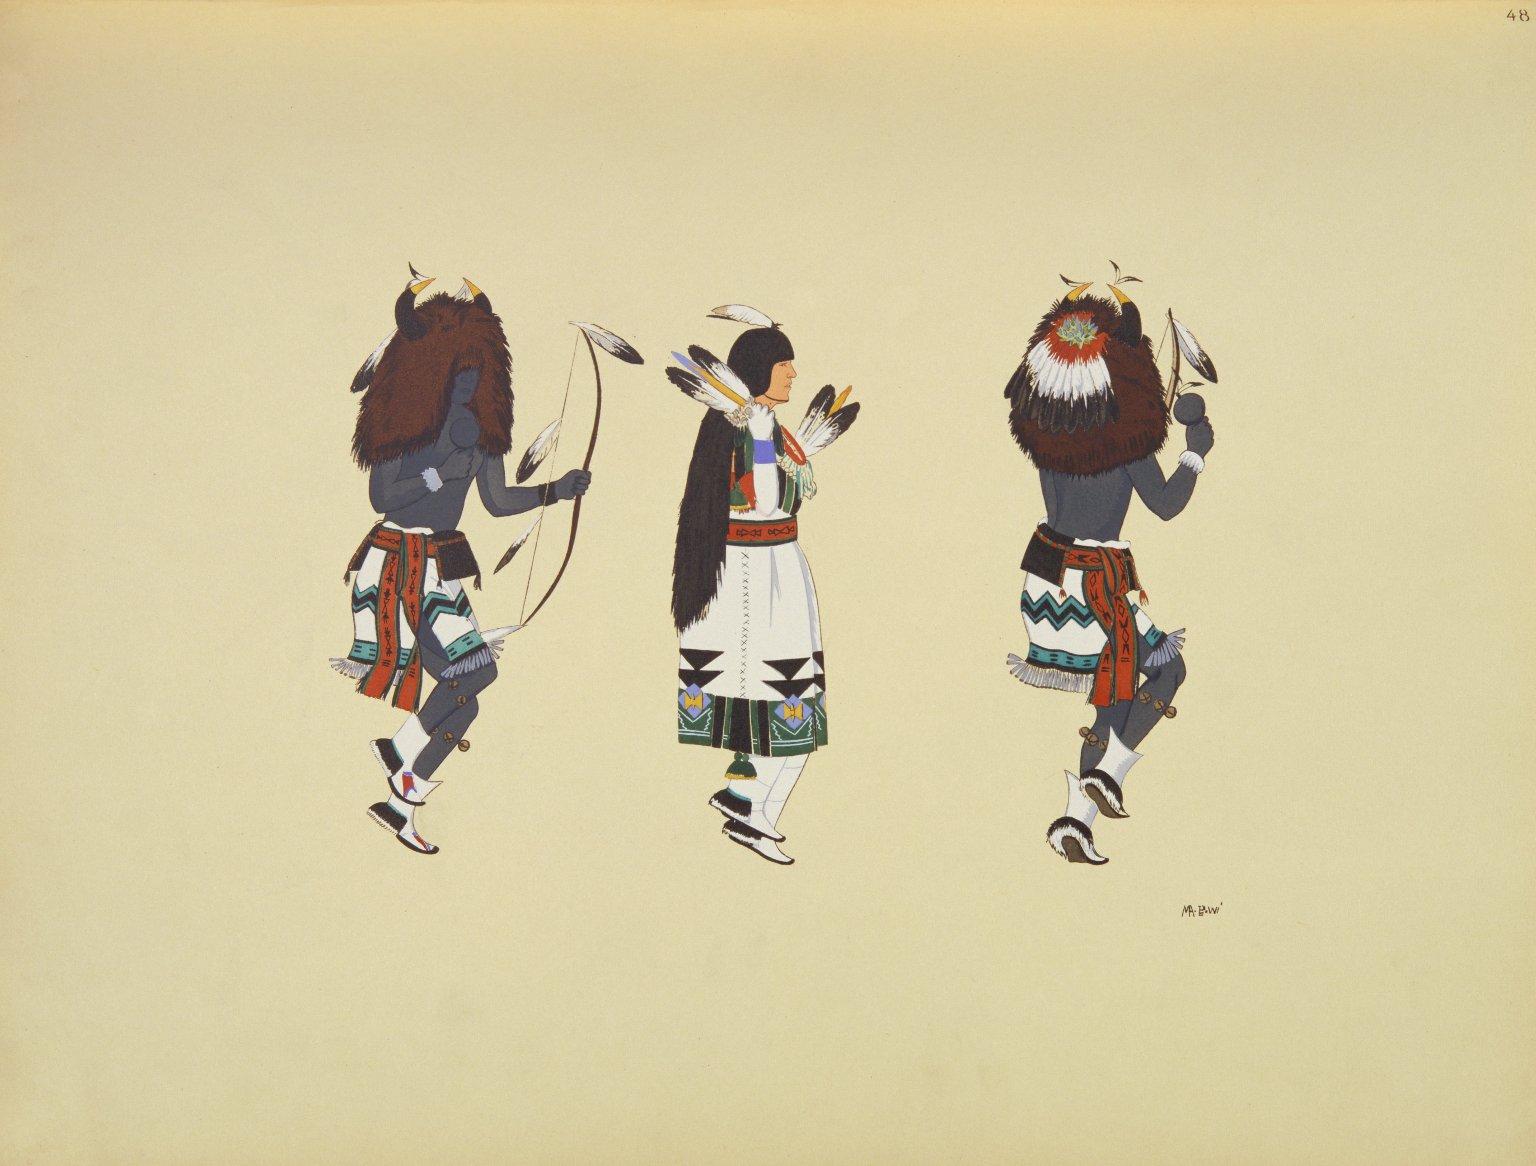 Buffalo Dance Figures